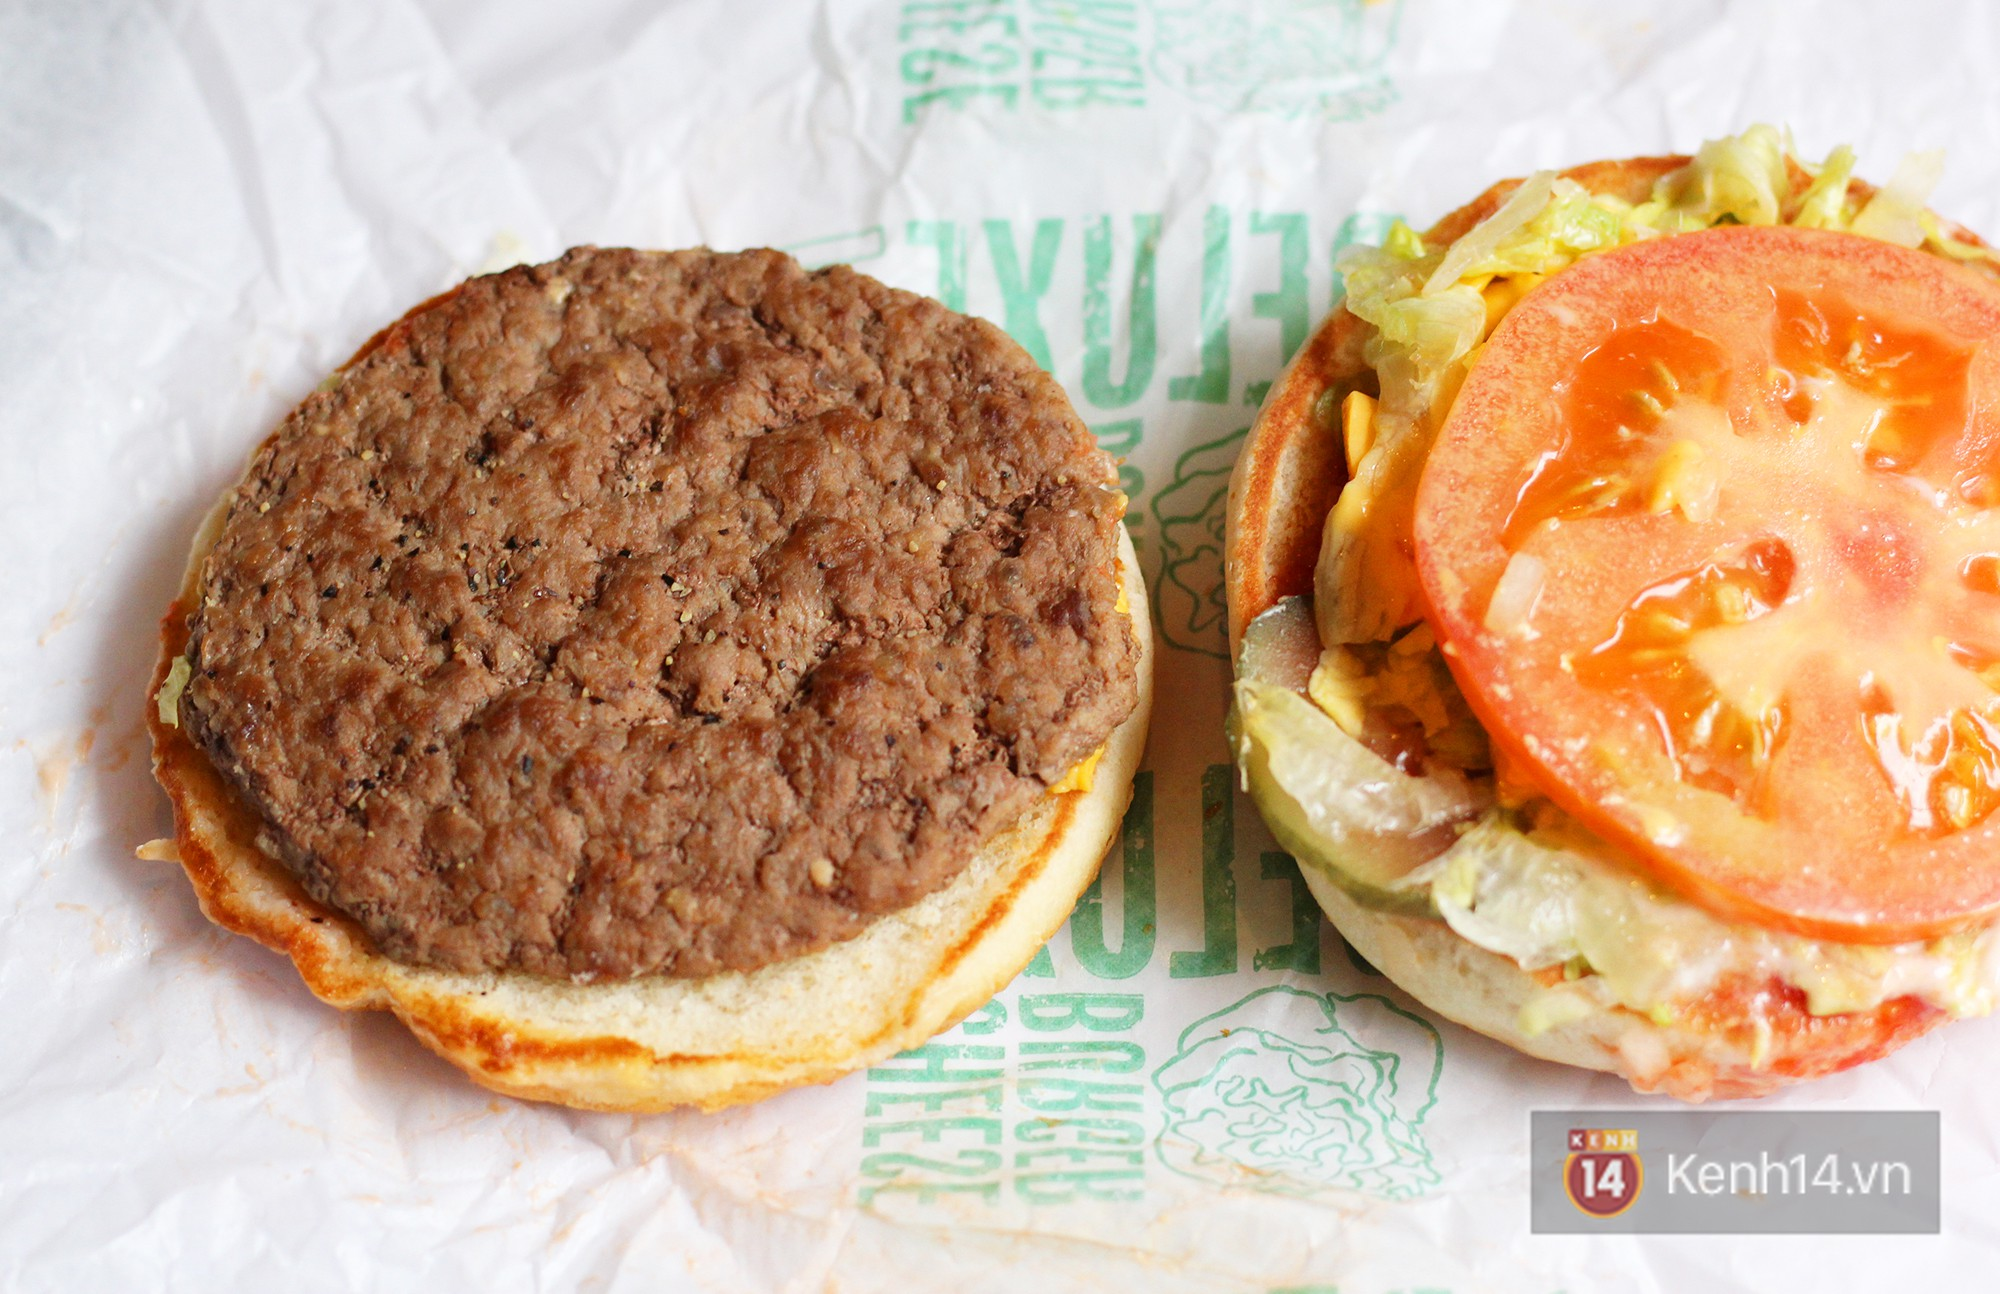 Xem sự khác biệt giữa quảng cáo và thực tế của burger ở Việt Nam để thấy đúng là đời không như mơ - Ảnh 3.